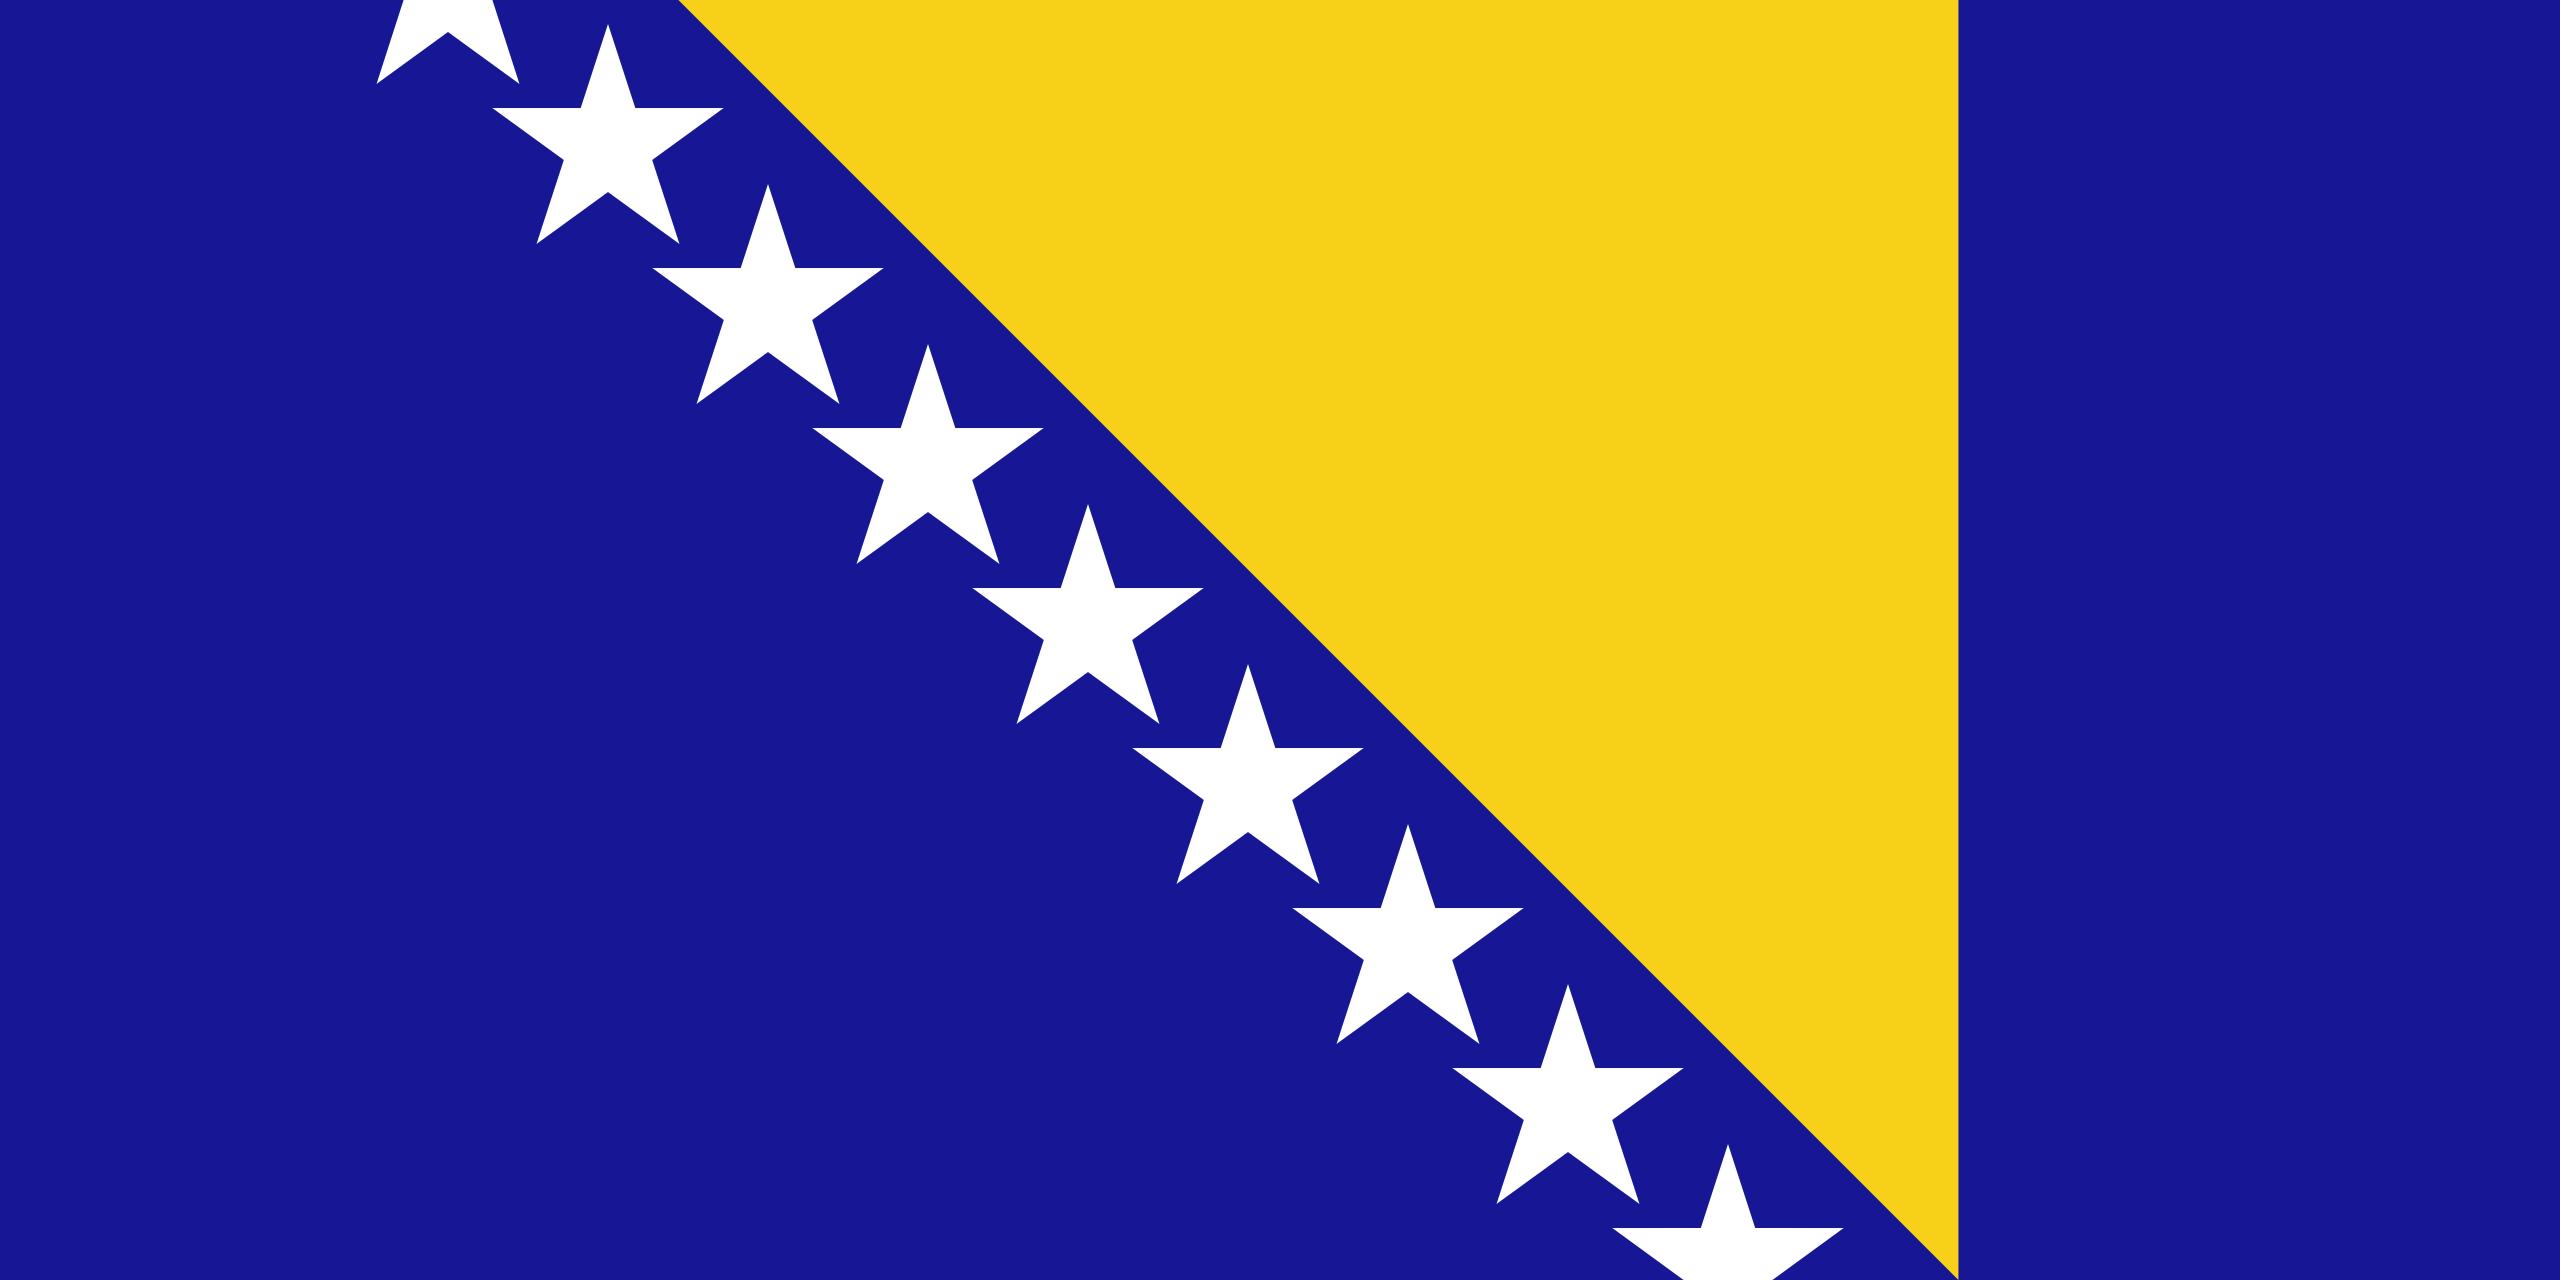 波斯尼亚和黑塞哥维那, 国家, 会徽, 徽标, 符号 - 高清壁纸 - 教授-falken.com